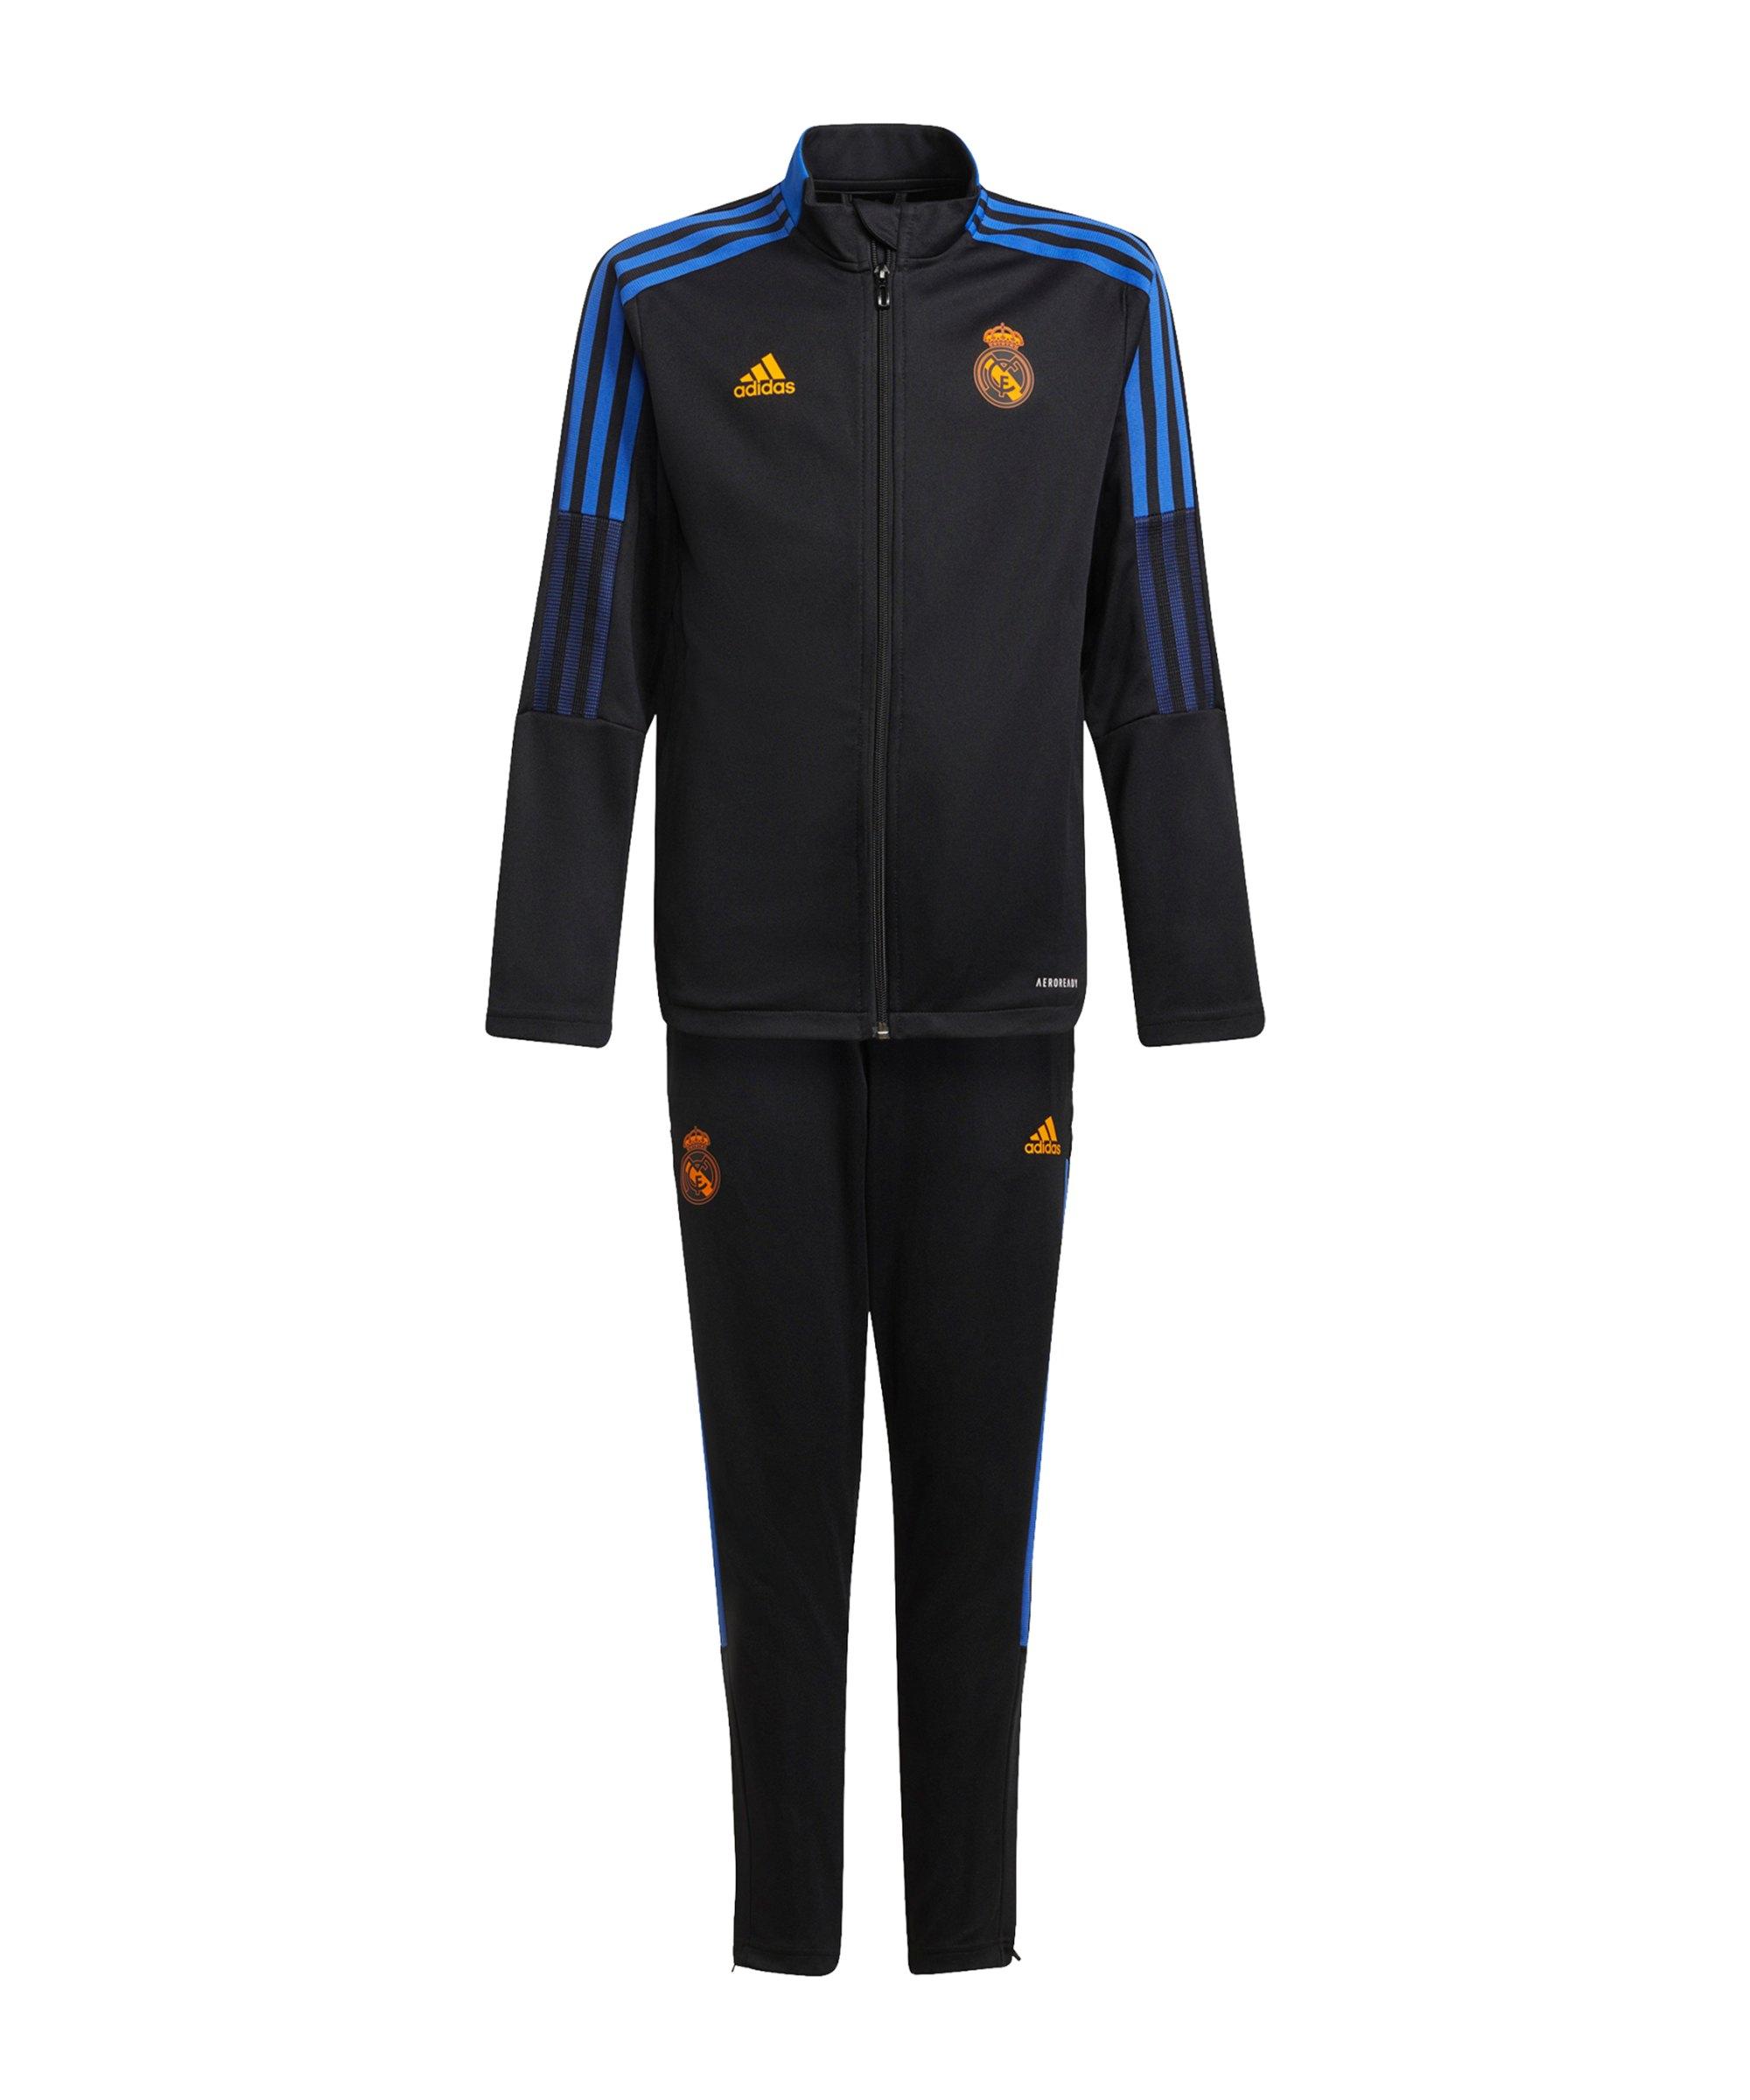 adidas Real Madrid Trainingsanzug Kids Schwarz - schwarz